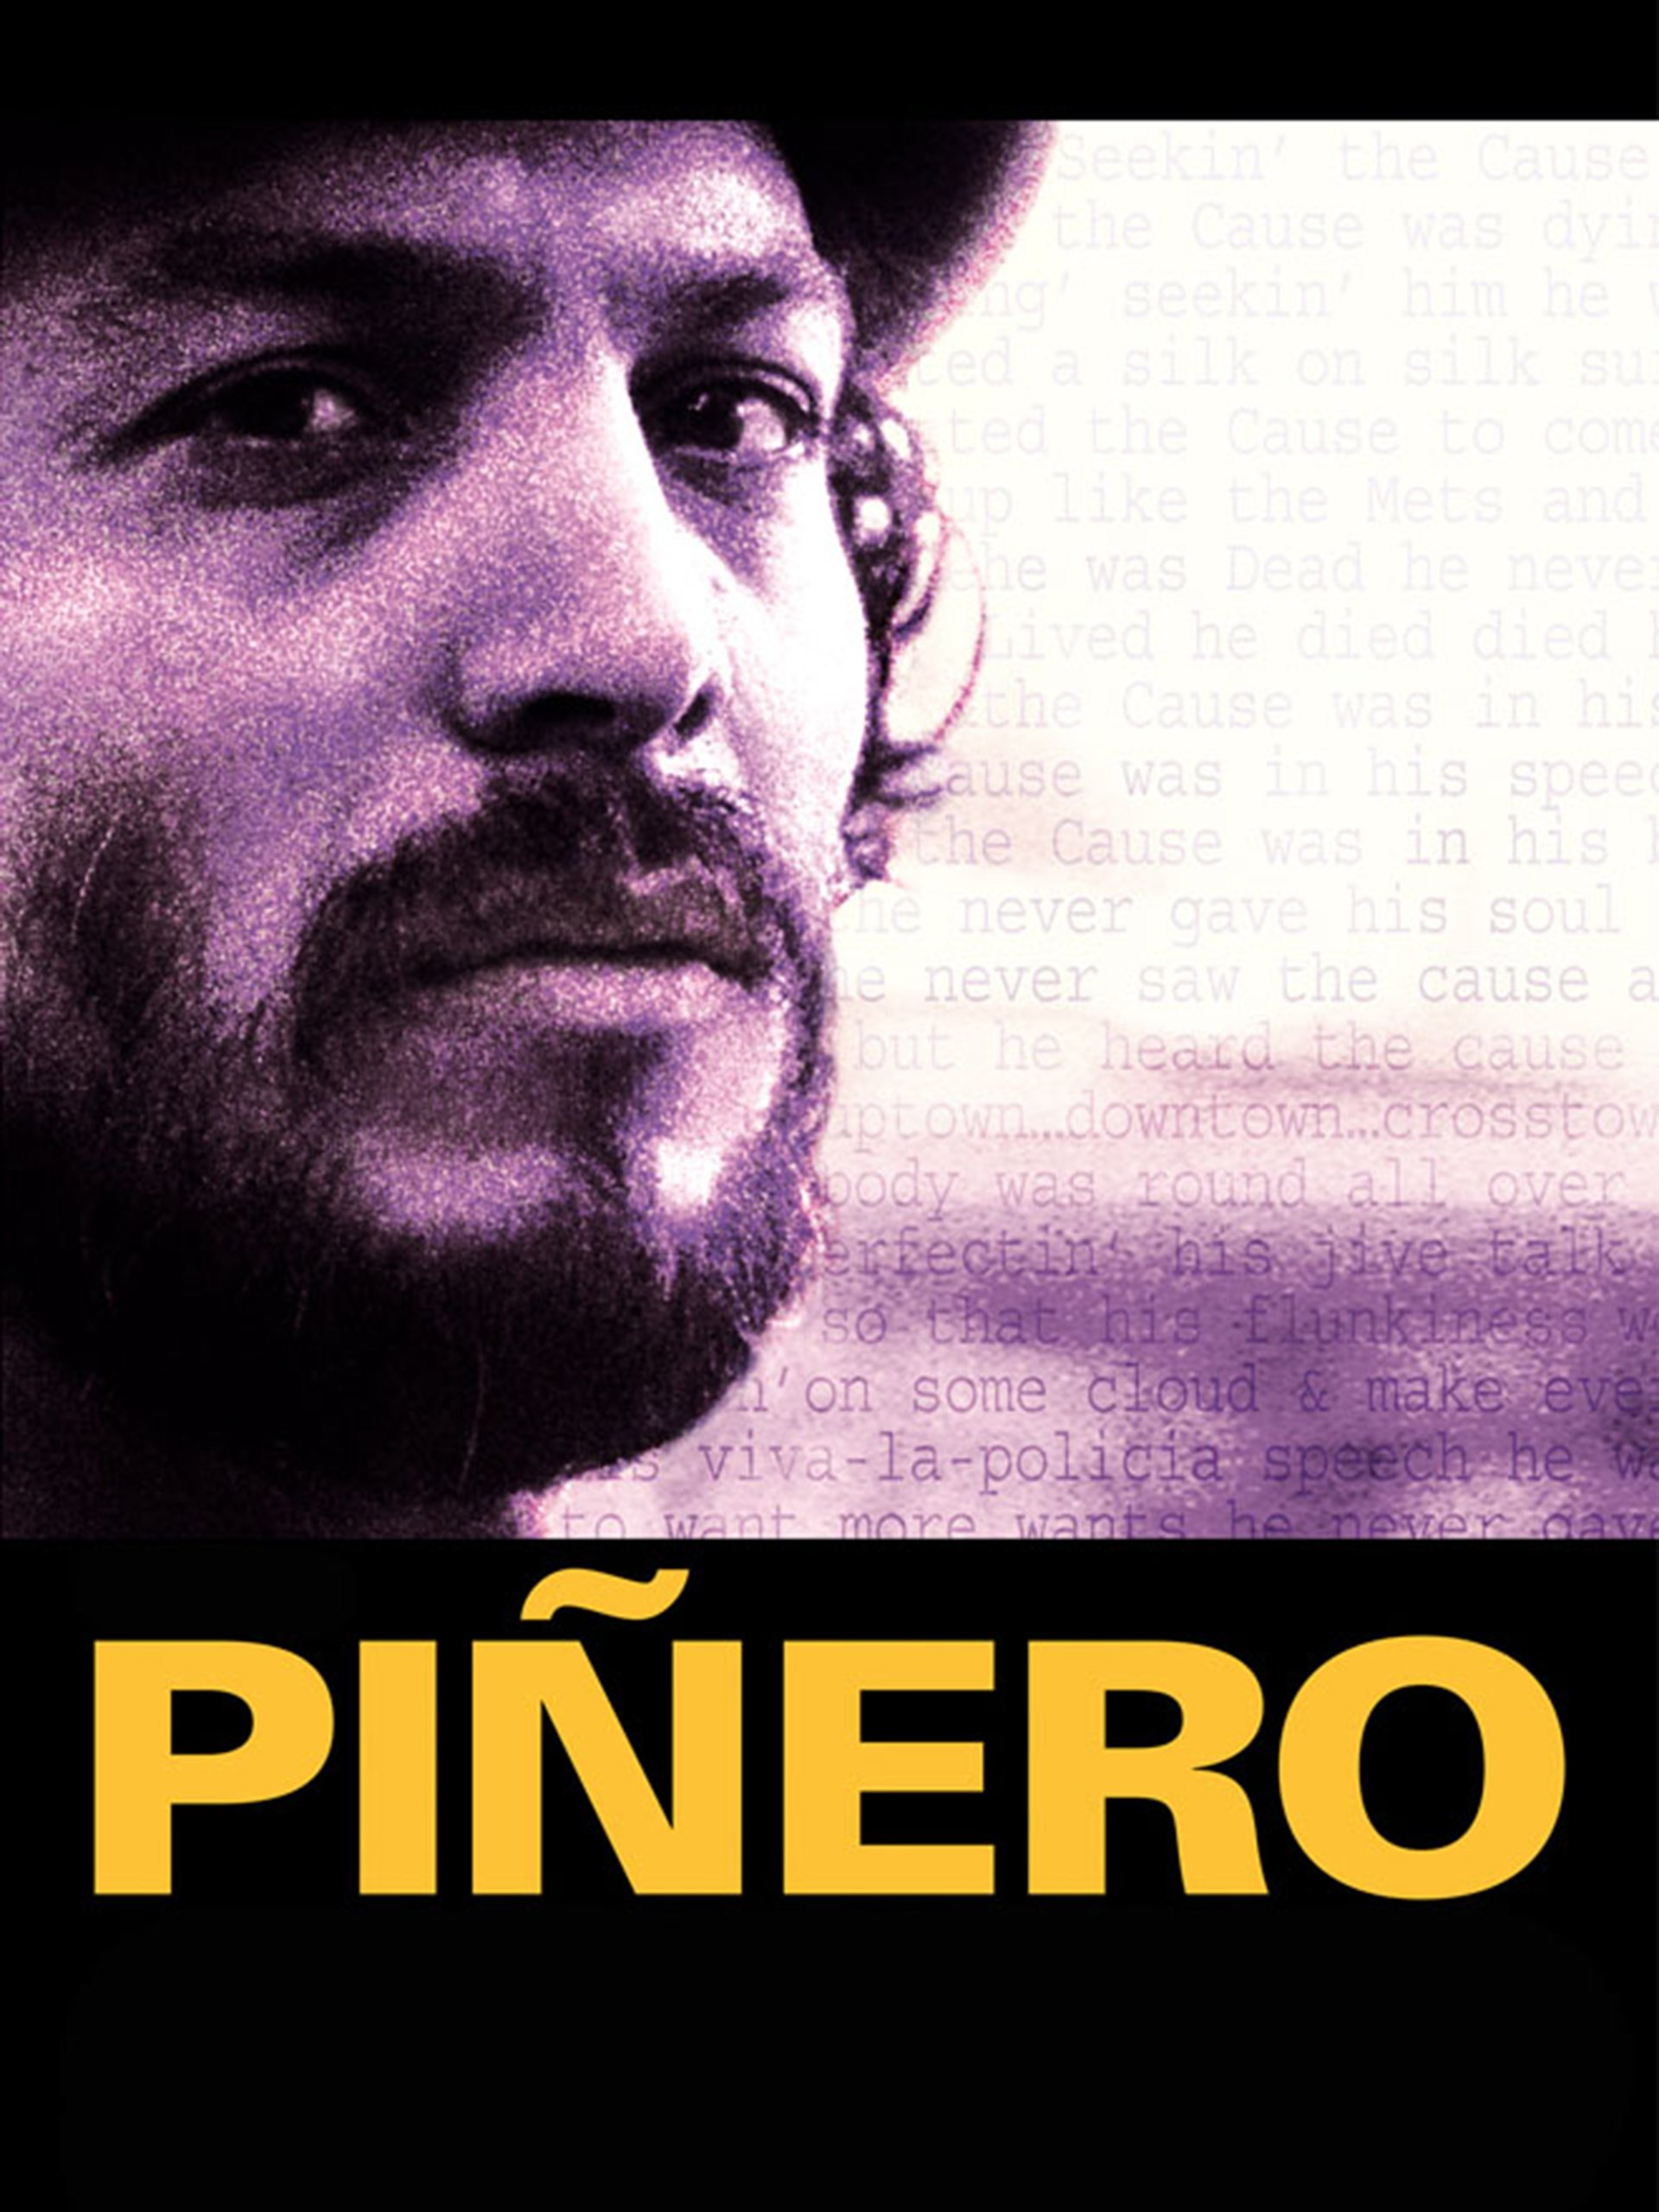 Pinero.jpg